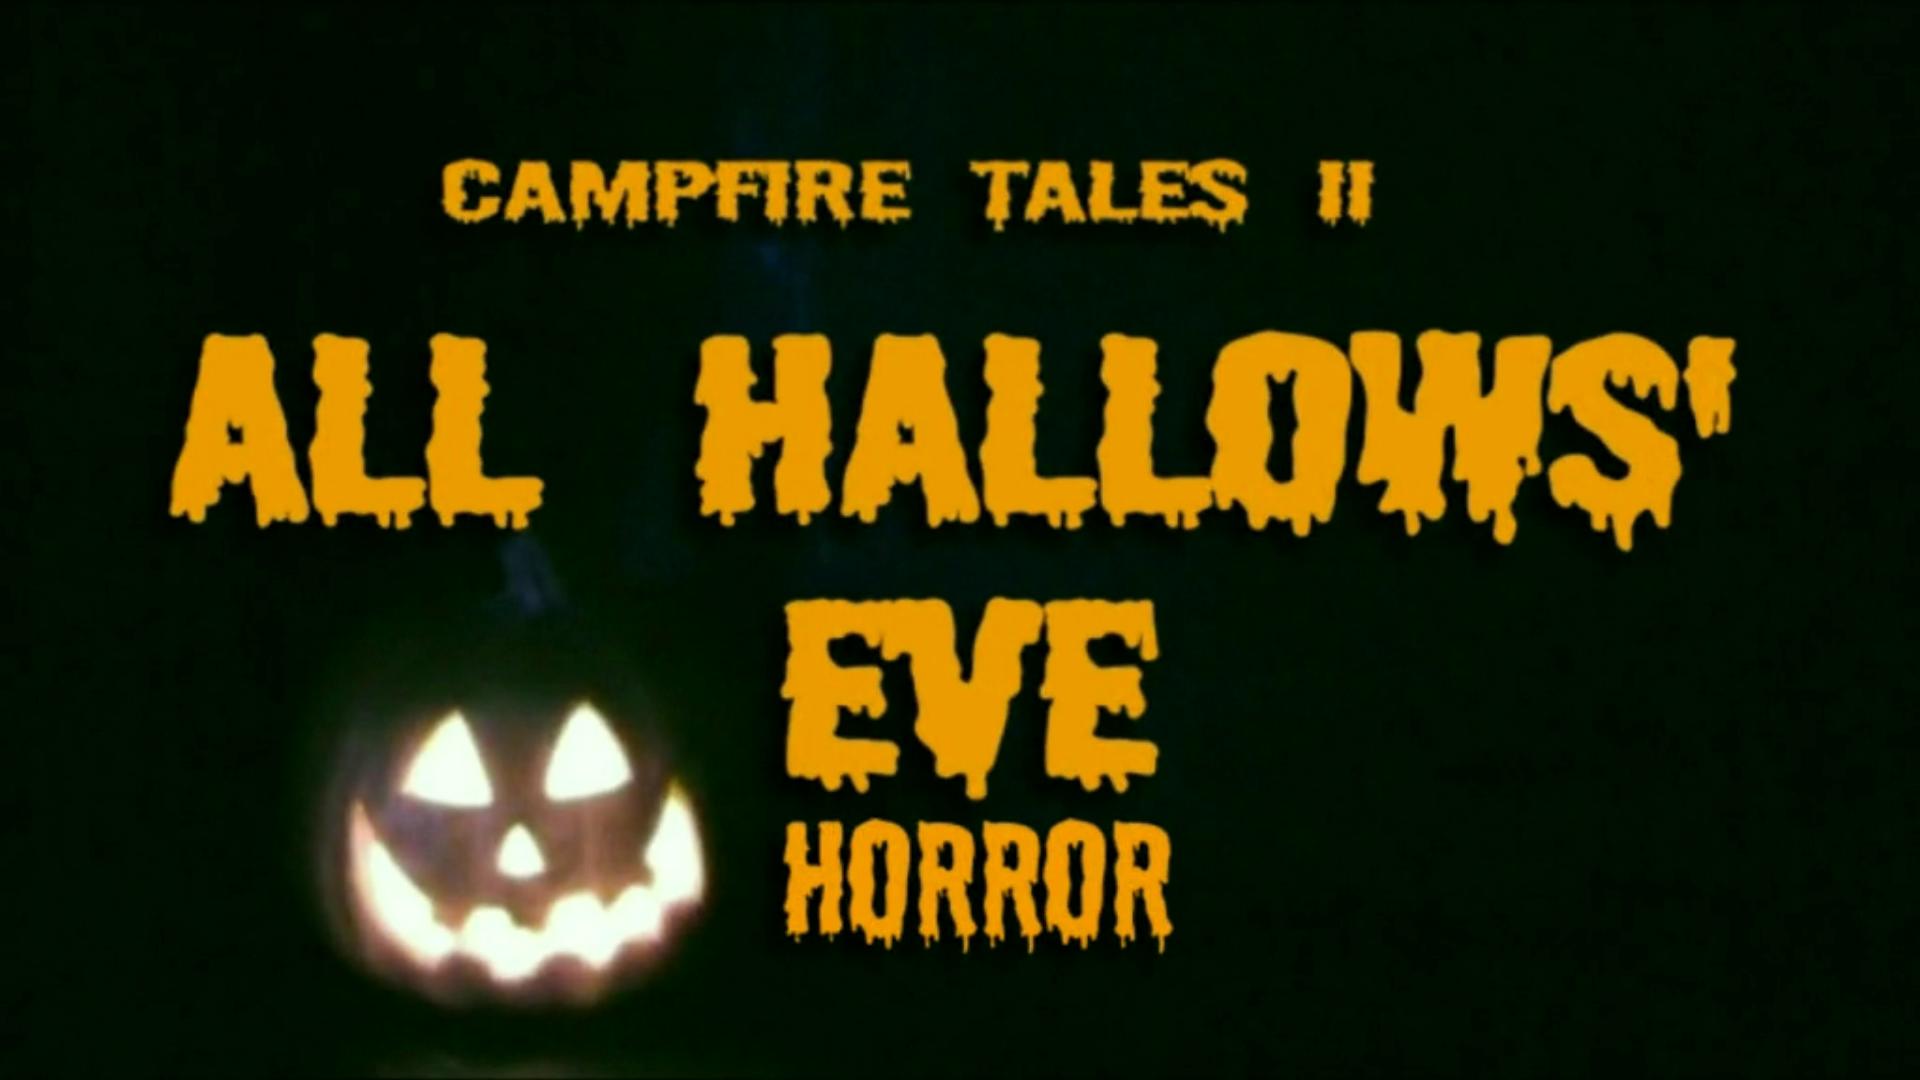 """""""All Hallows' Eve Horror"""""""